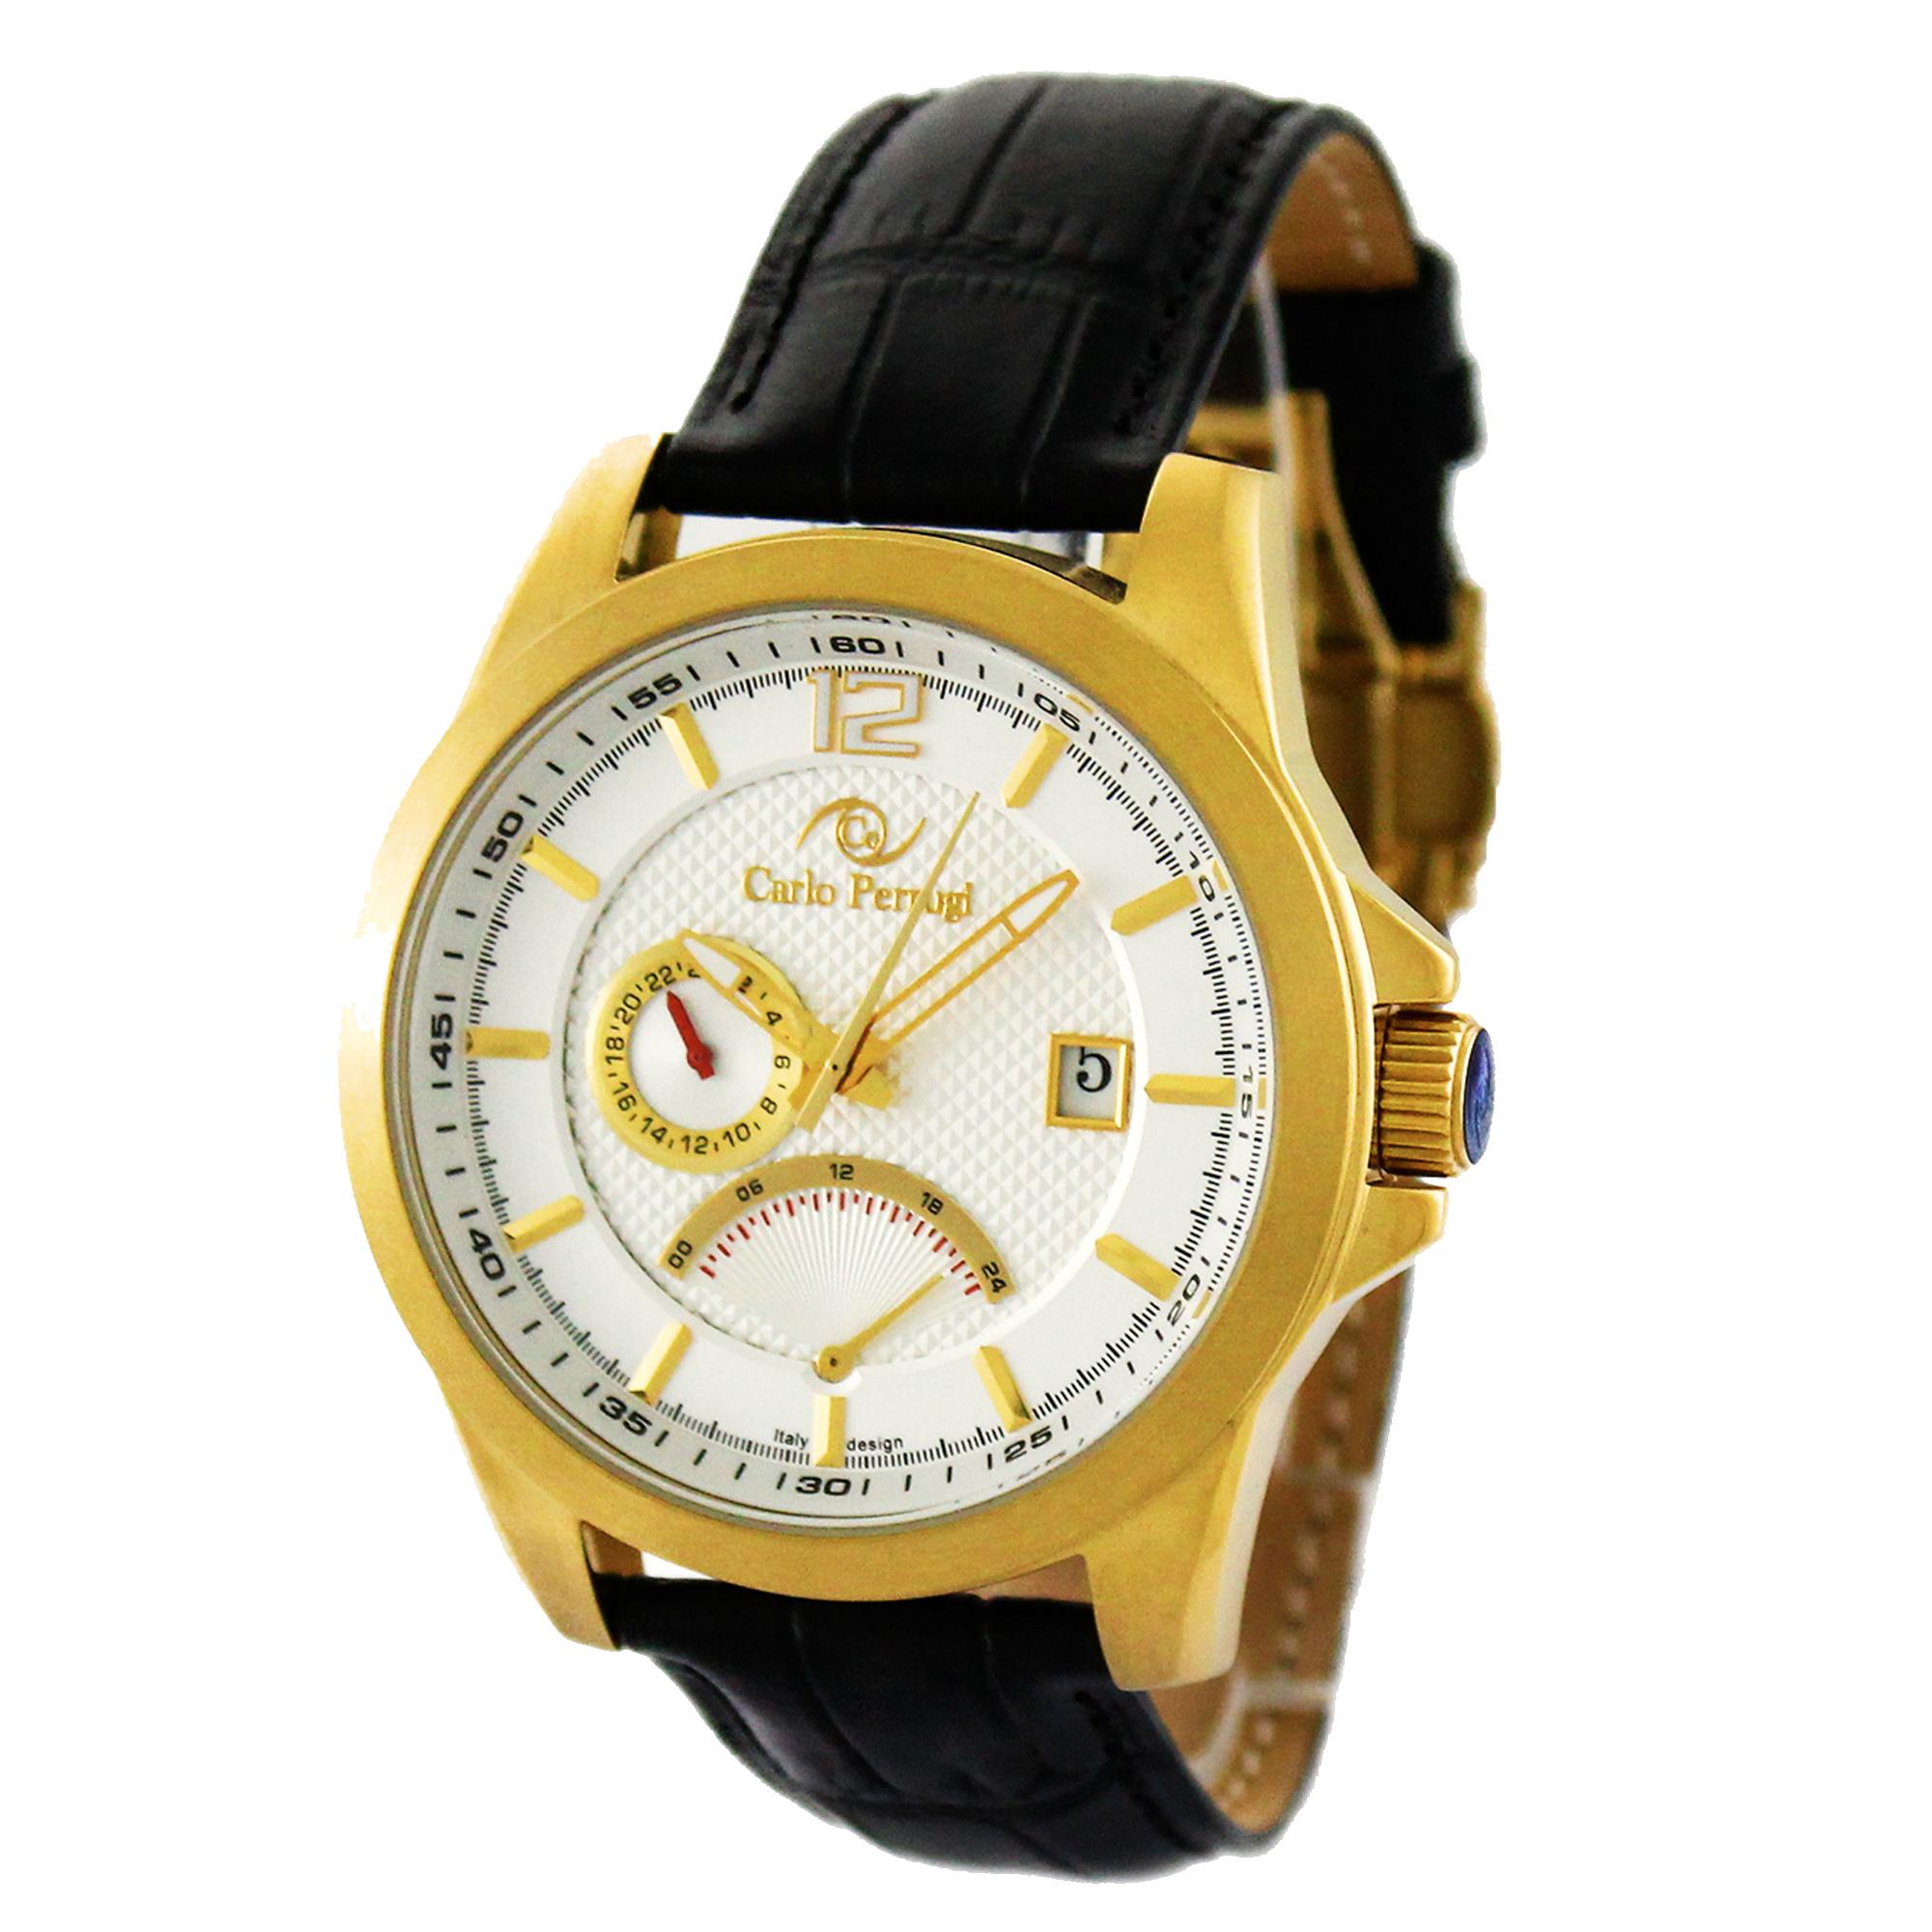 ساعت مچی عقربه ای مردانه کارلو پروجی مدل CG3009 9